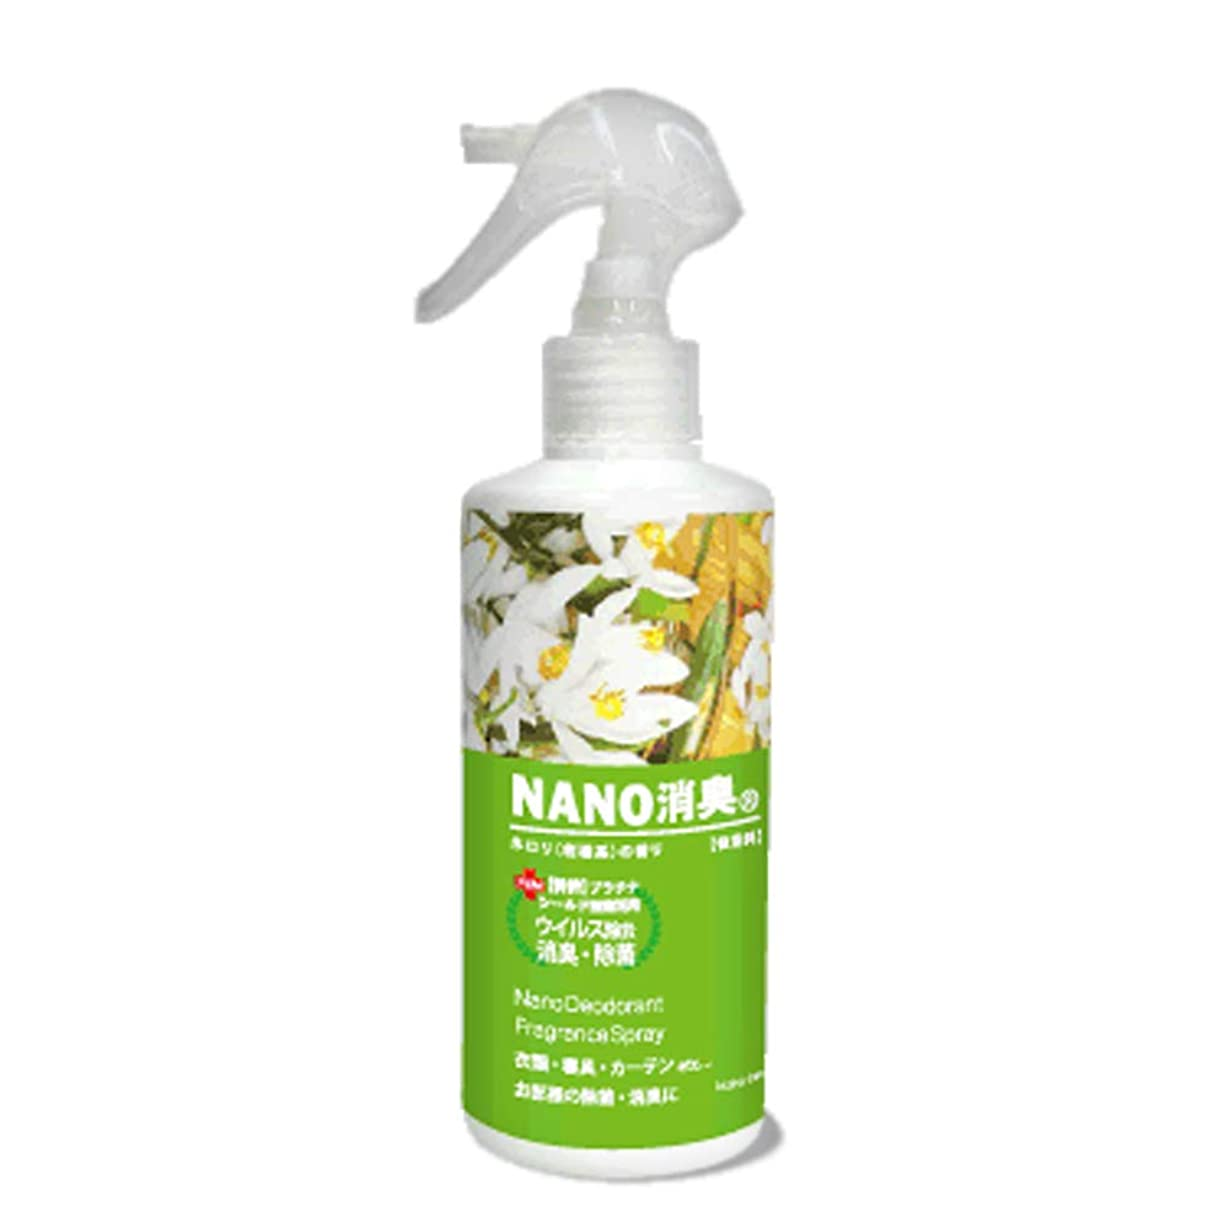 エッセイ十分ですシチリアNANO消臭 スプレー マスク スプレー トイレ 消臭剤 芳香剤 (ネロリ)